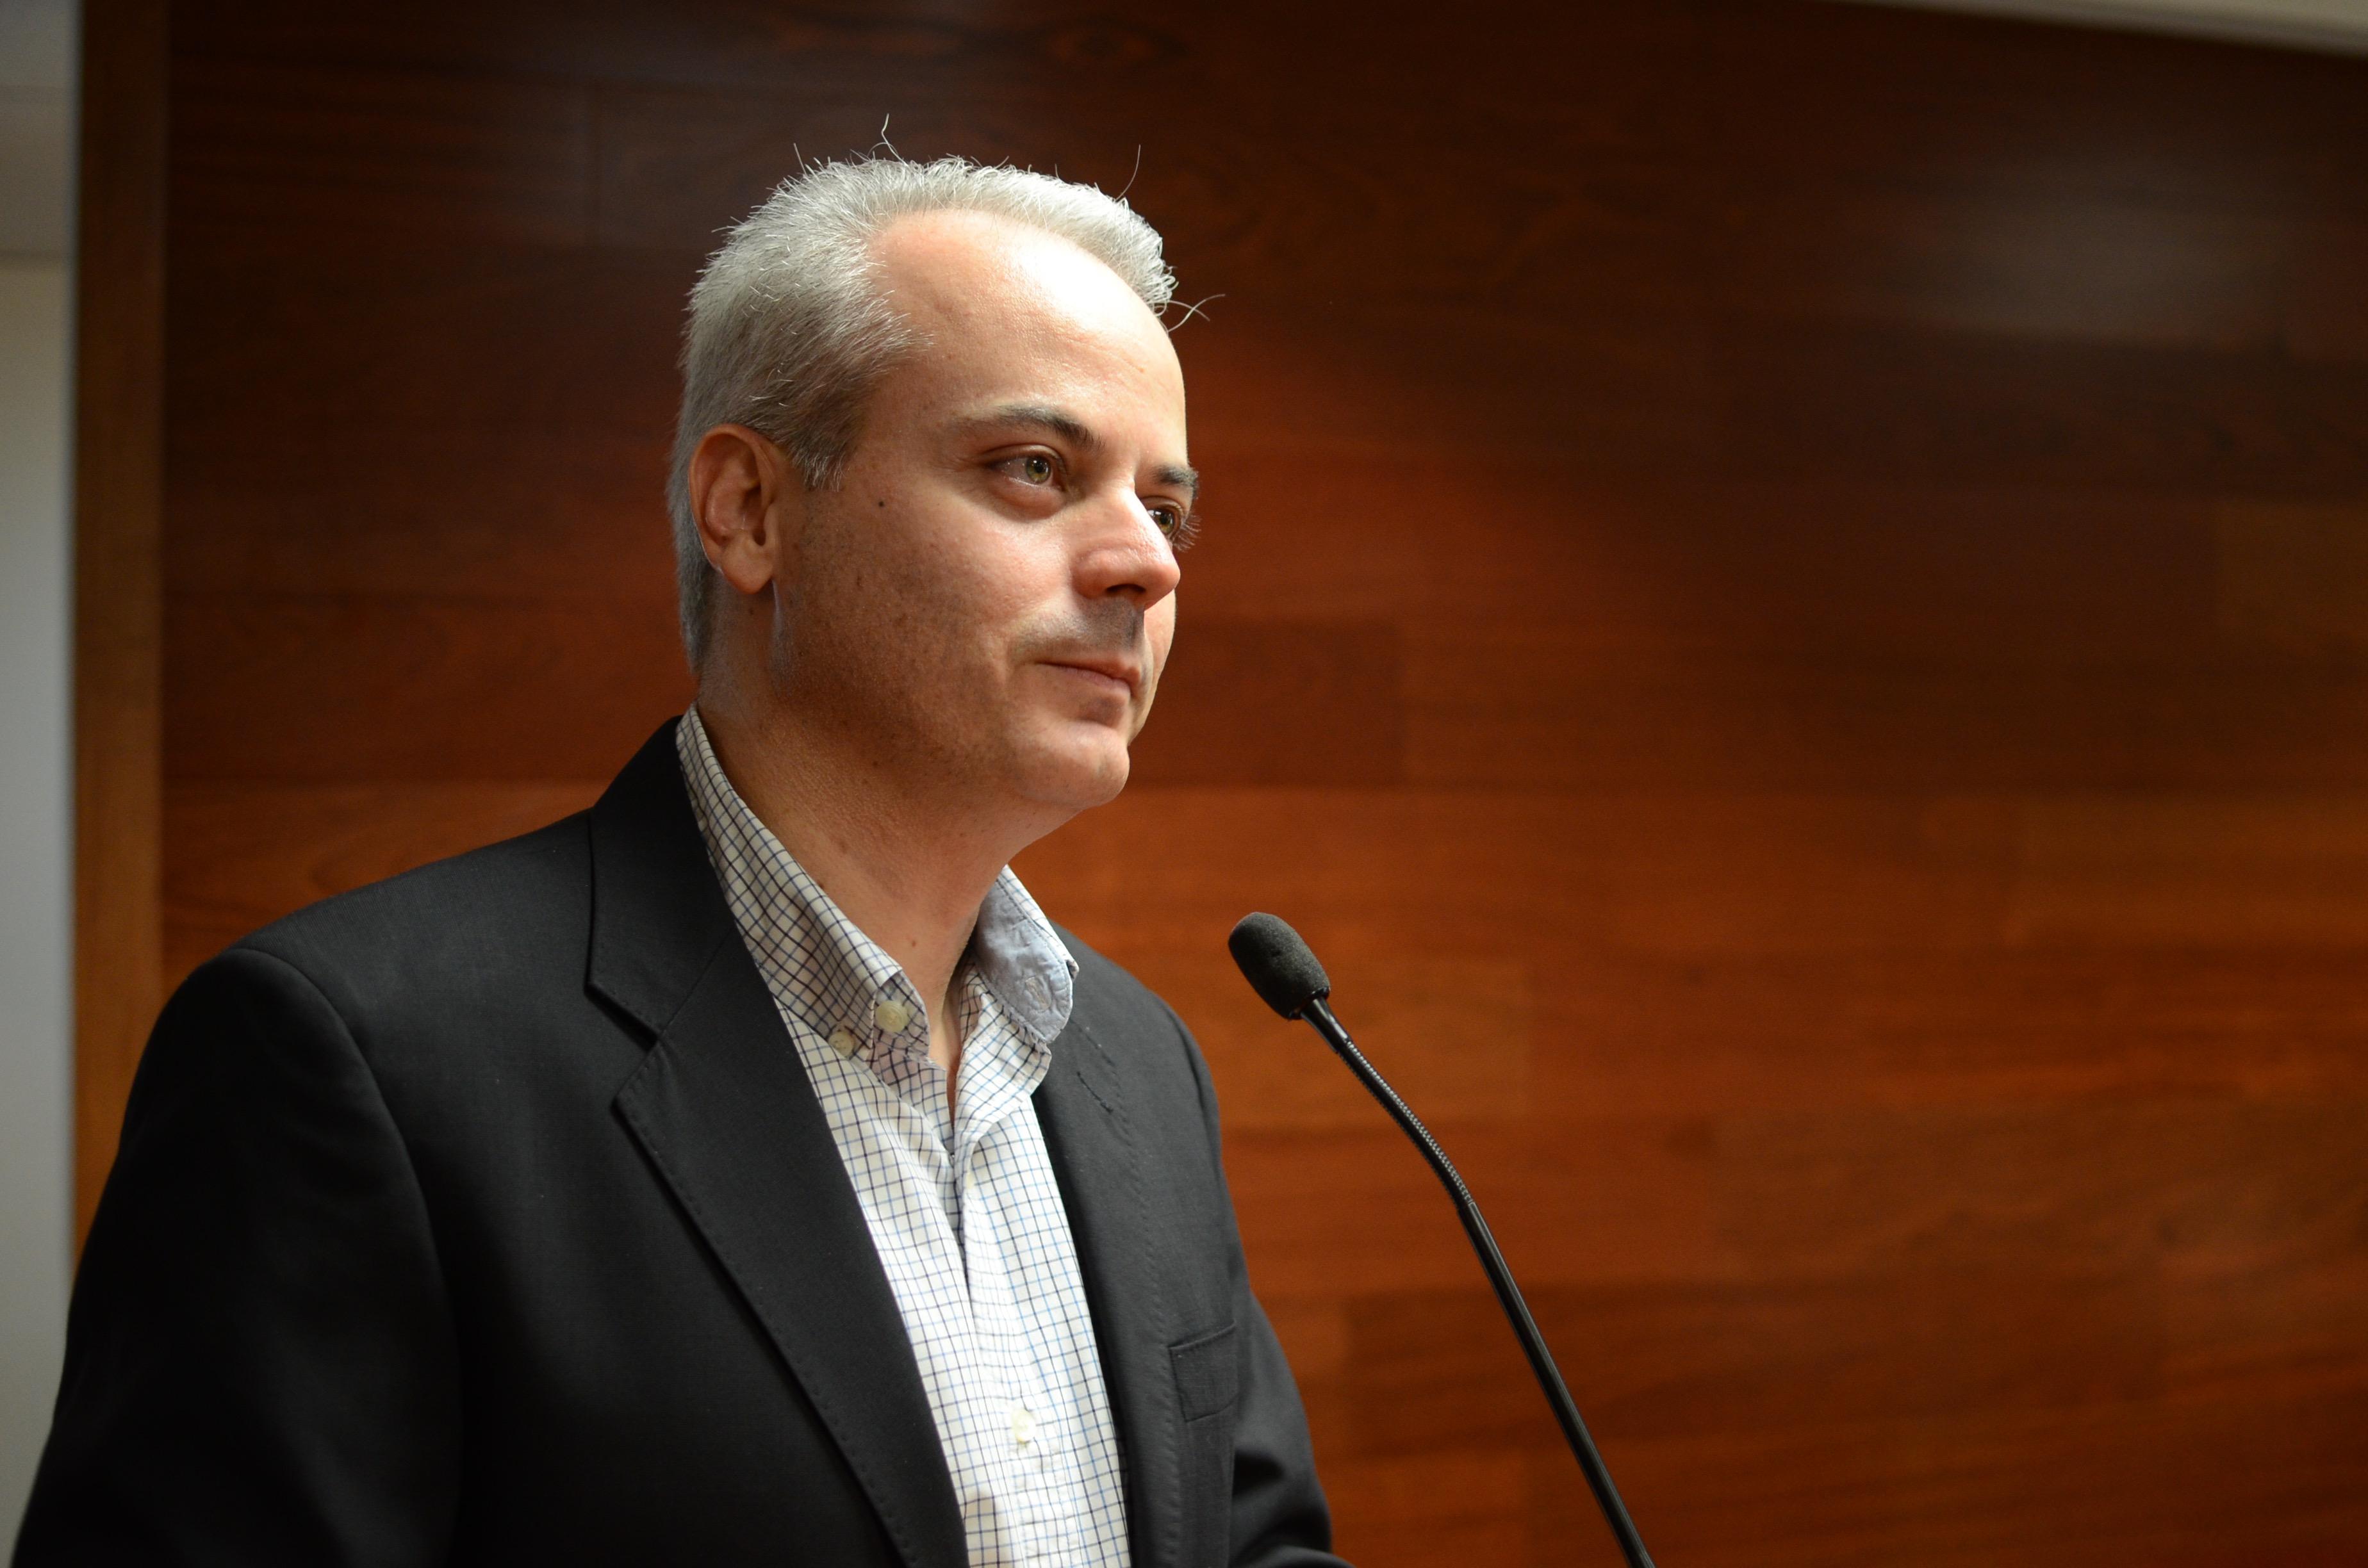 Dr. Giordano Pérez Gaxiola haciendo uso de la voz